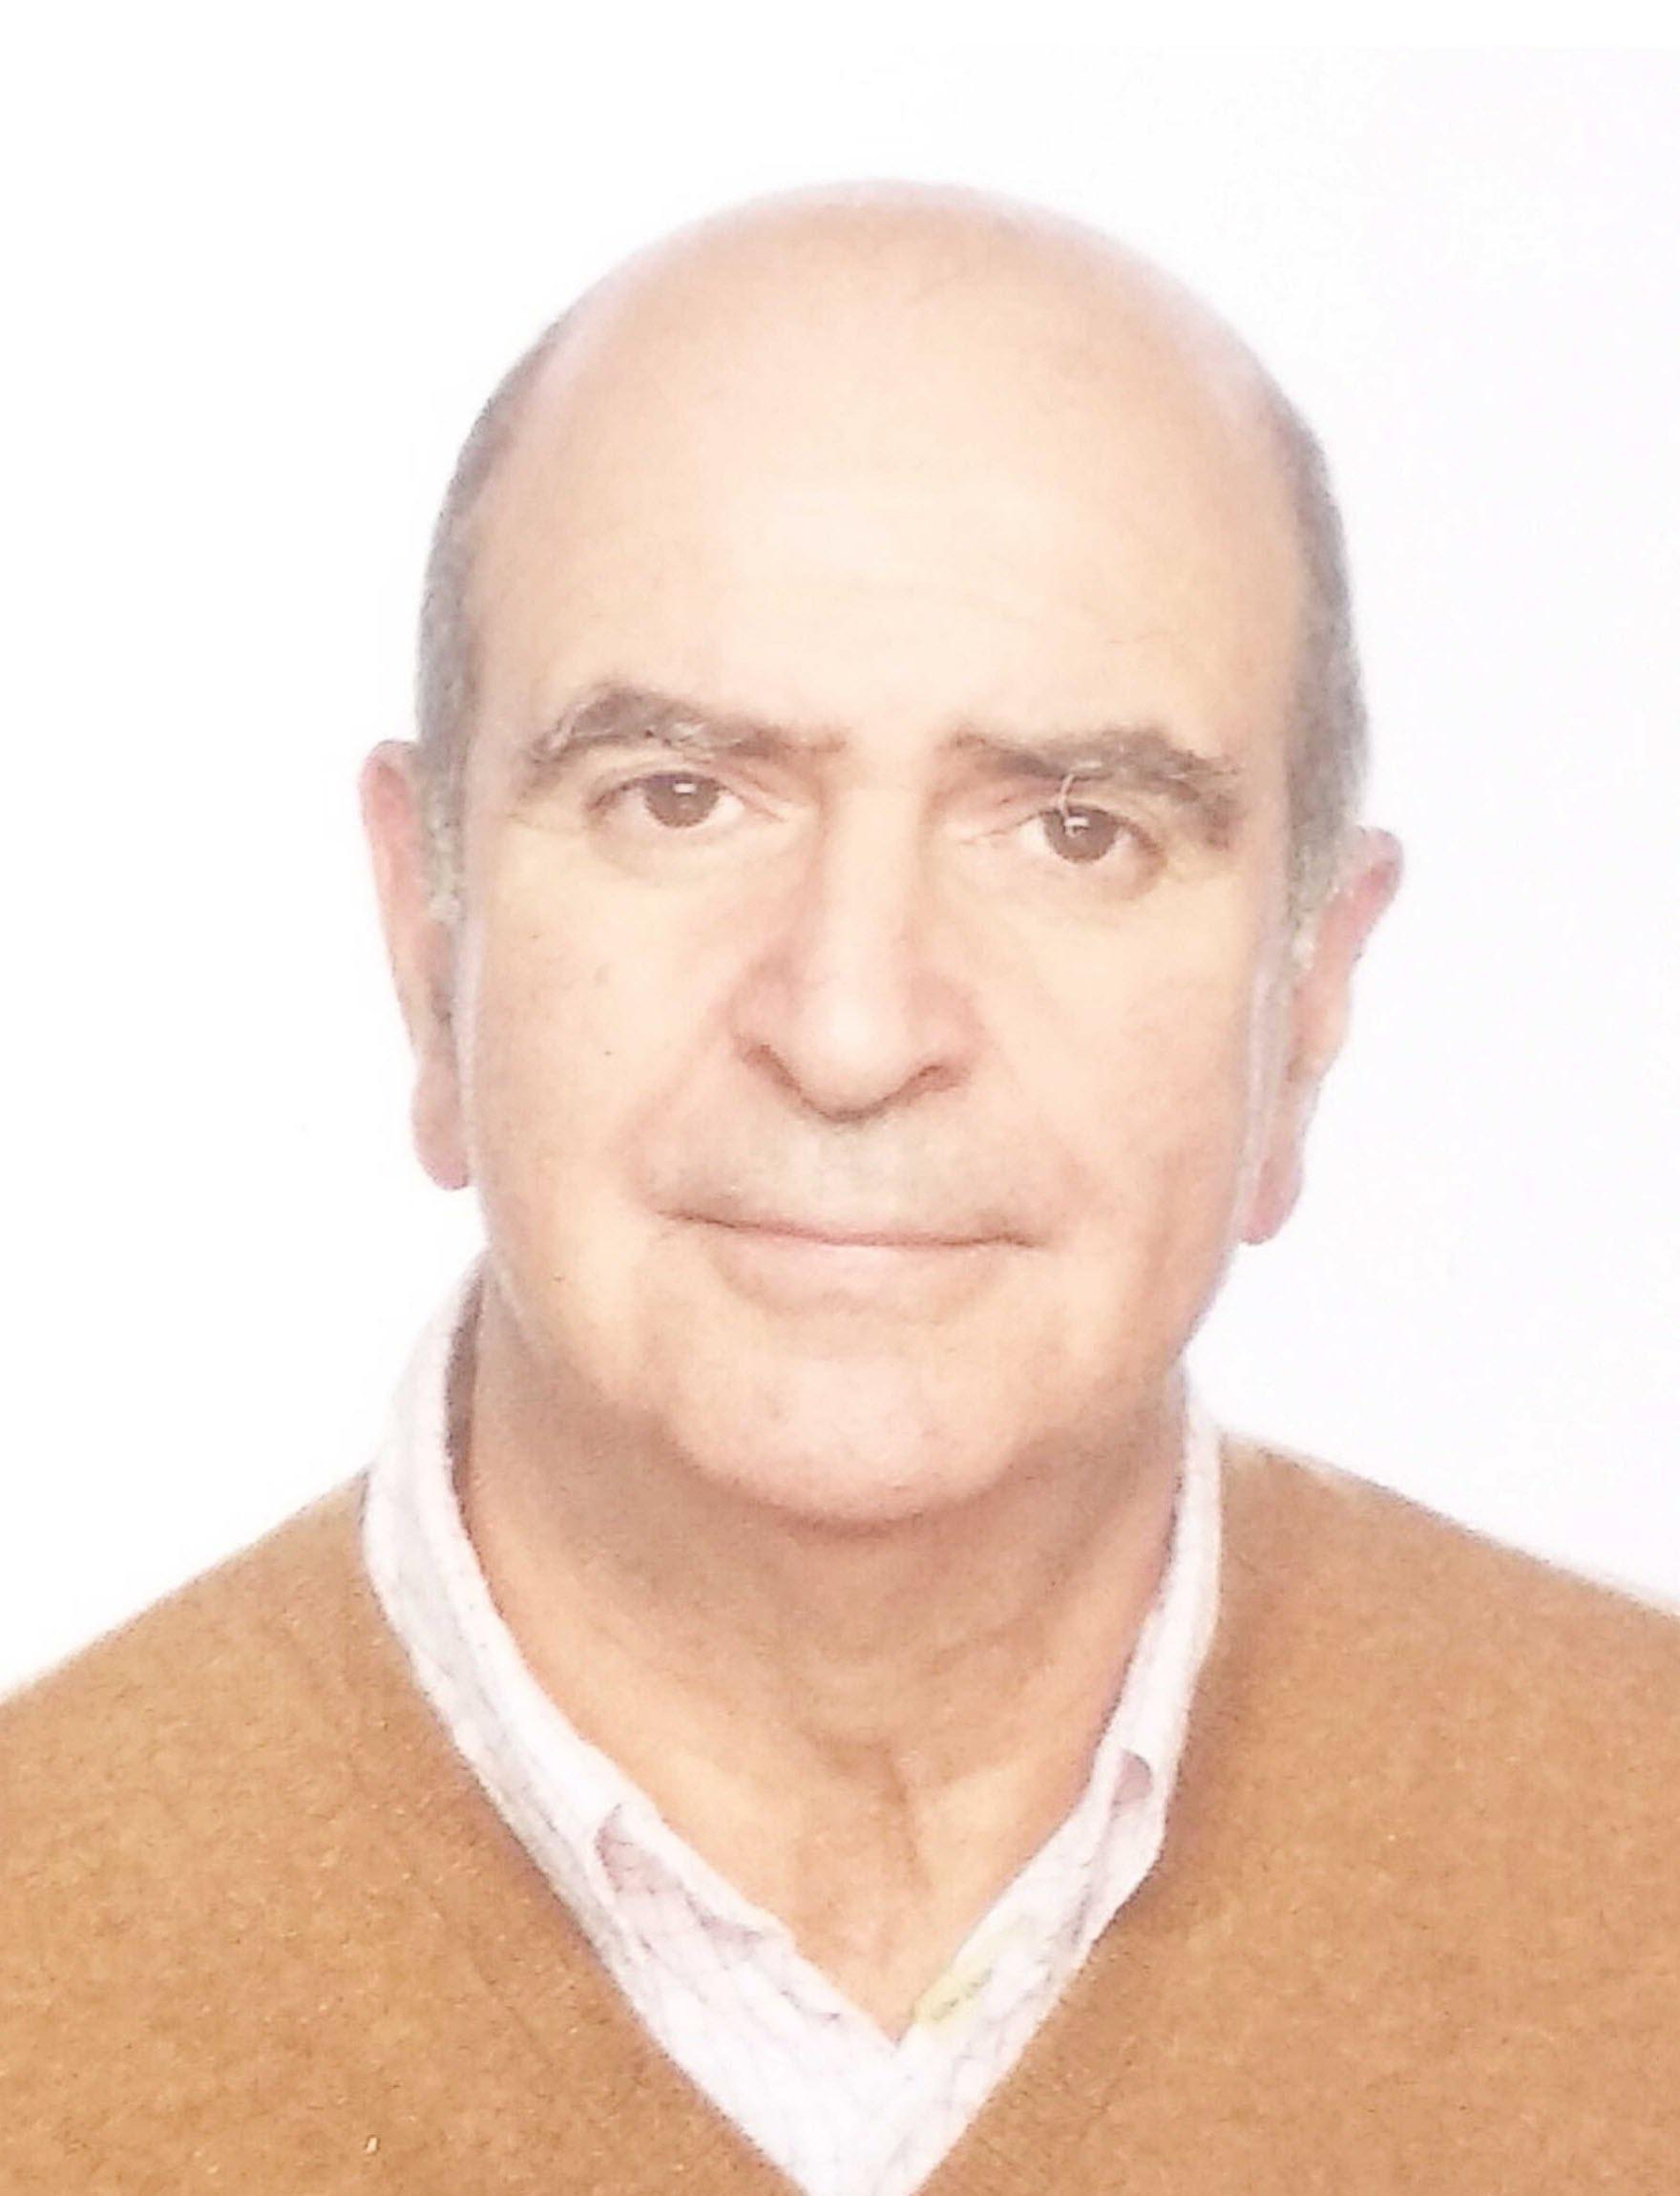 Facultativo Especialista en Angiología y Cirugía Vascular. Hospital Universitario Central de Asturias.